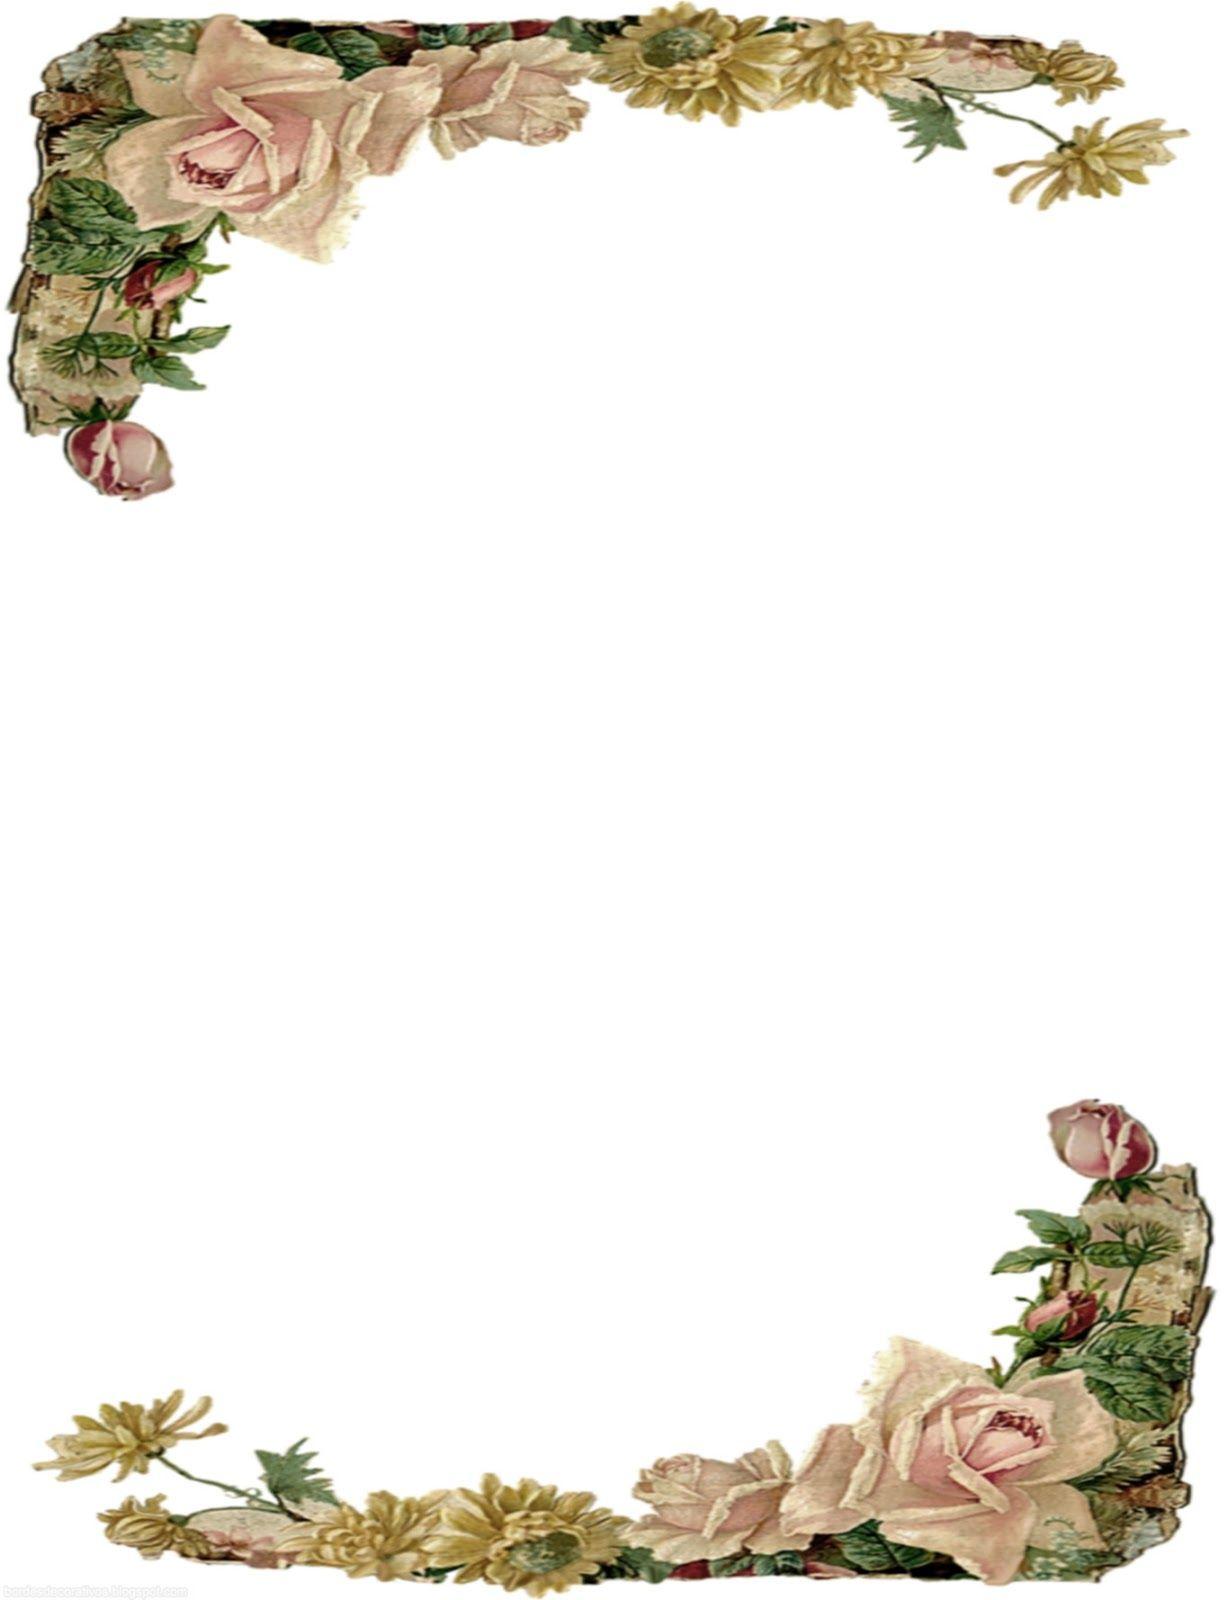 decoracion de margenes para hojas vintage - Buscar con Google ...